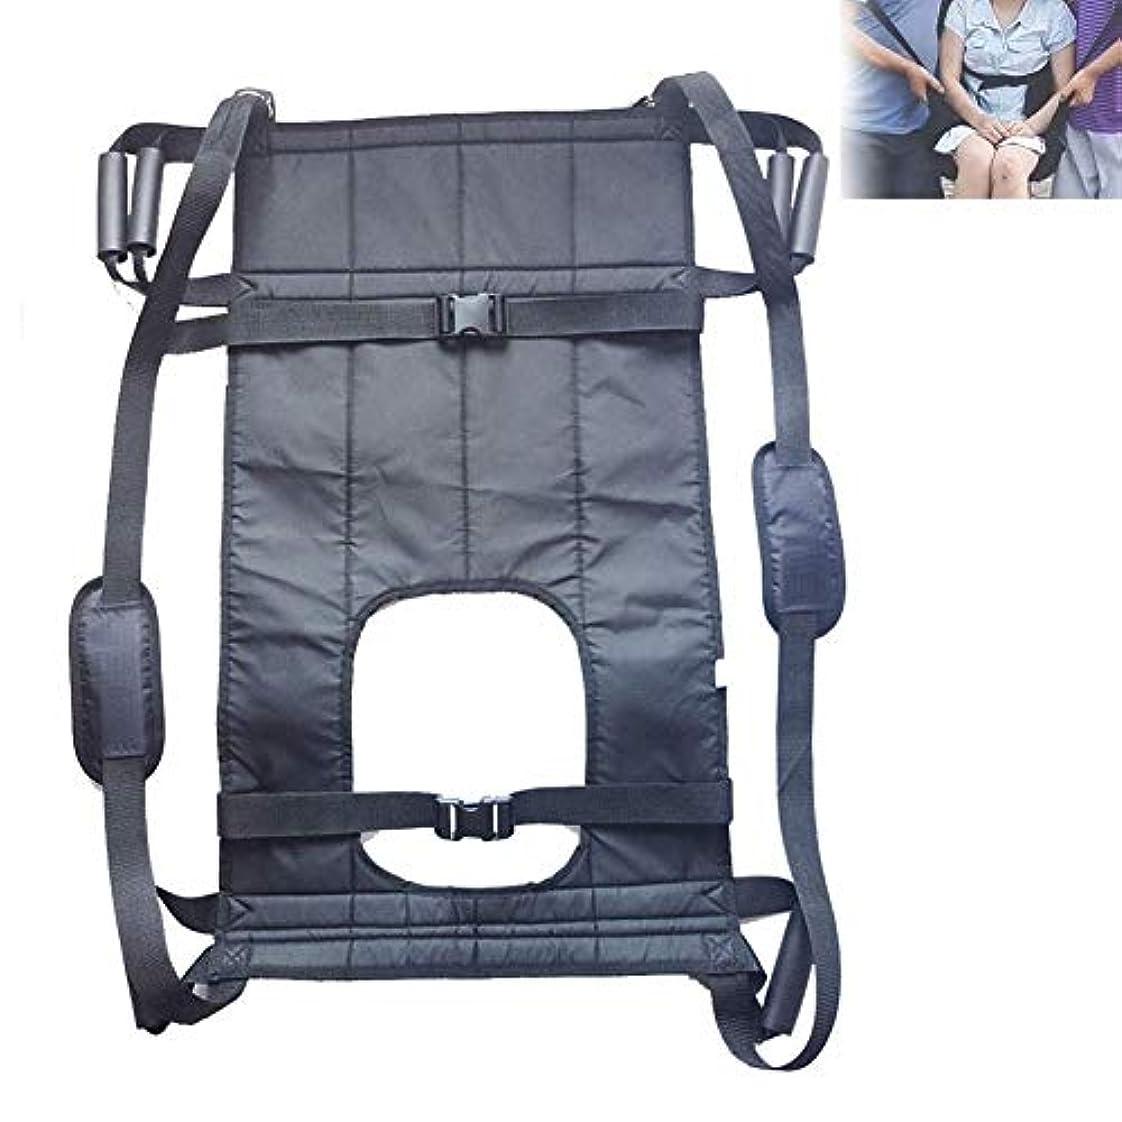 動かないナイロン蓄積する患者用補助具パッド付き車椅子用シートベルトハンドル付きベルト、寝たきり老人介護、便器患者用のトランスファーシートパッド,Canlieflat